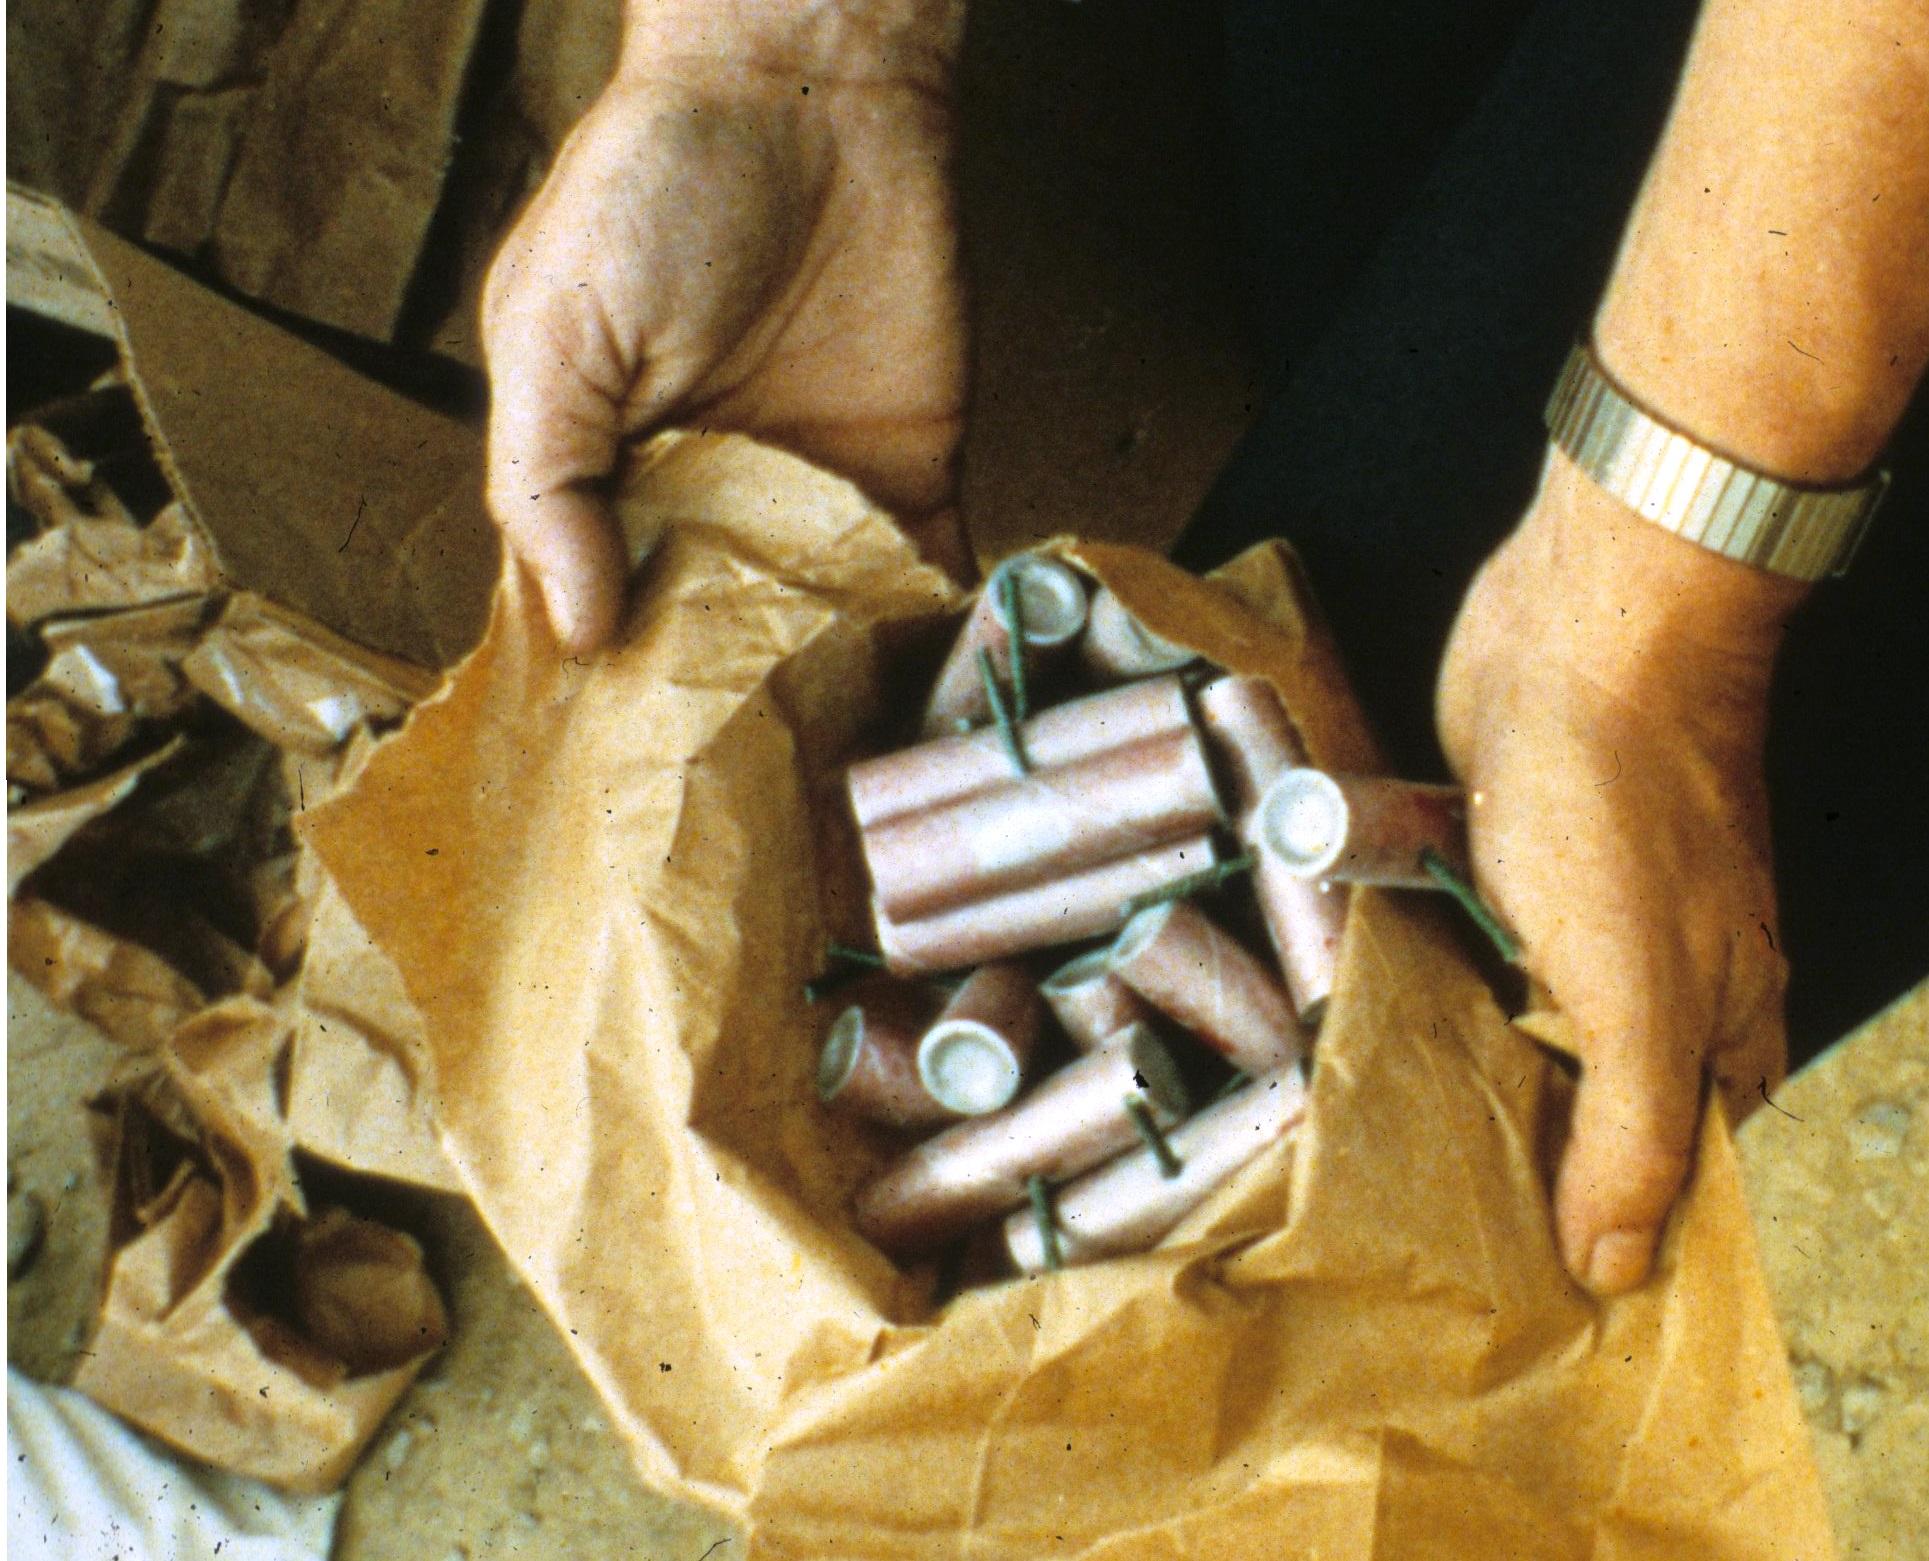 A bag full of M-80 explosives